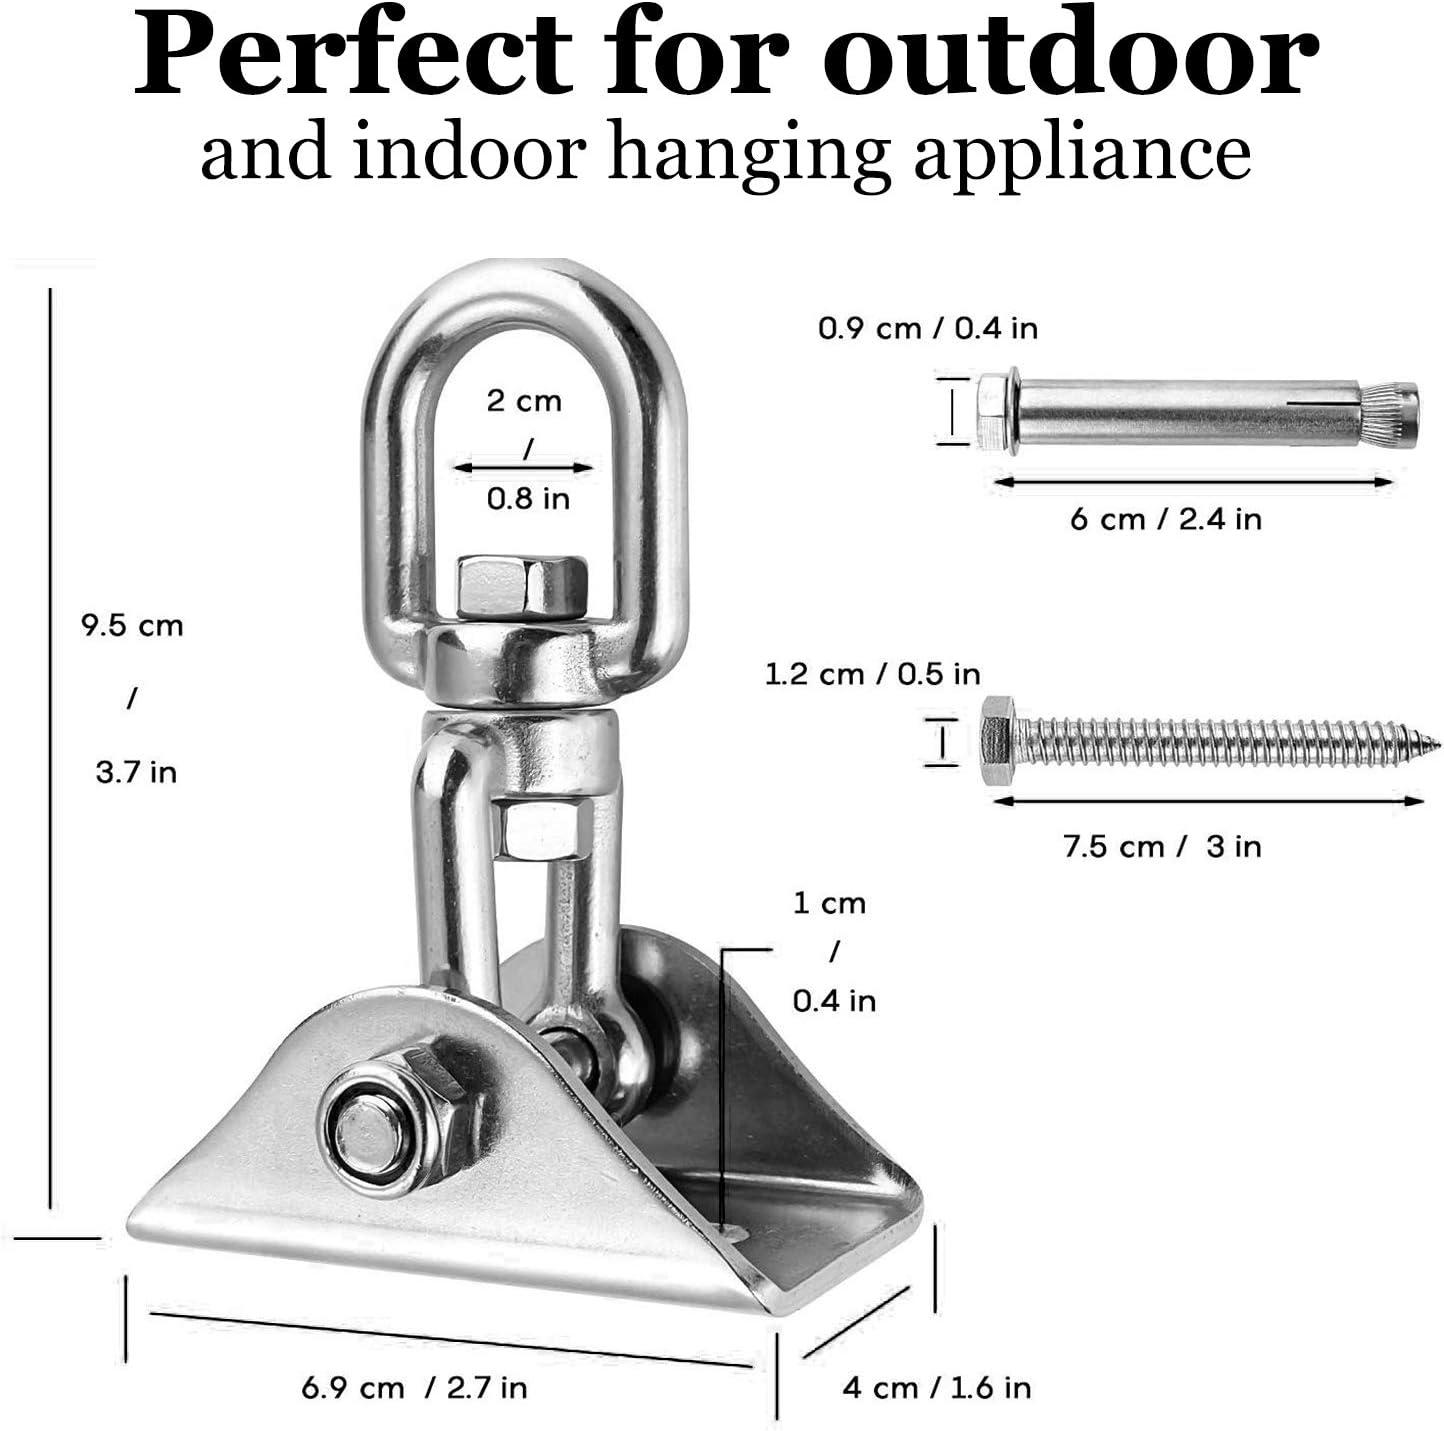 para hamaca de madera de hormig/ón silla patio de juegos veranda asiento trapecio yoga 4 tornillo Gancho de techo abatible 450KG capacidad 360 /° girando SUS304 mudo de acero inoxidable